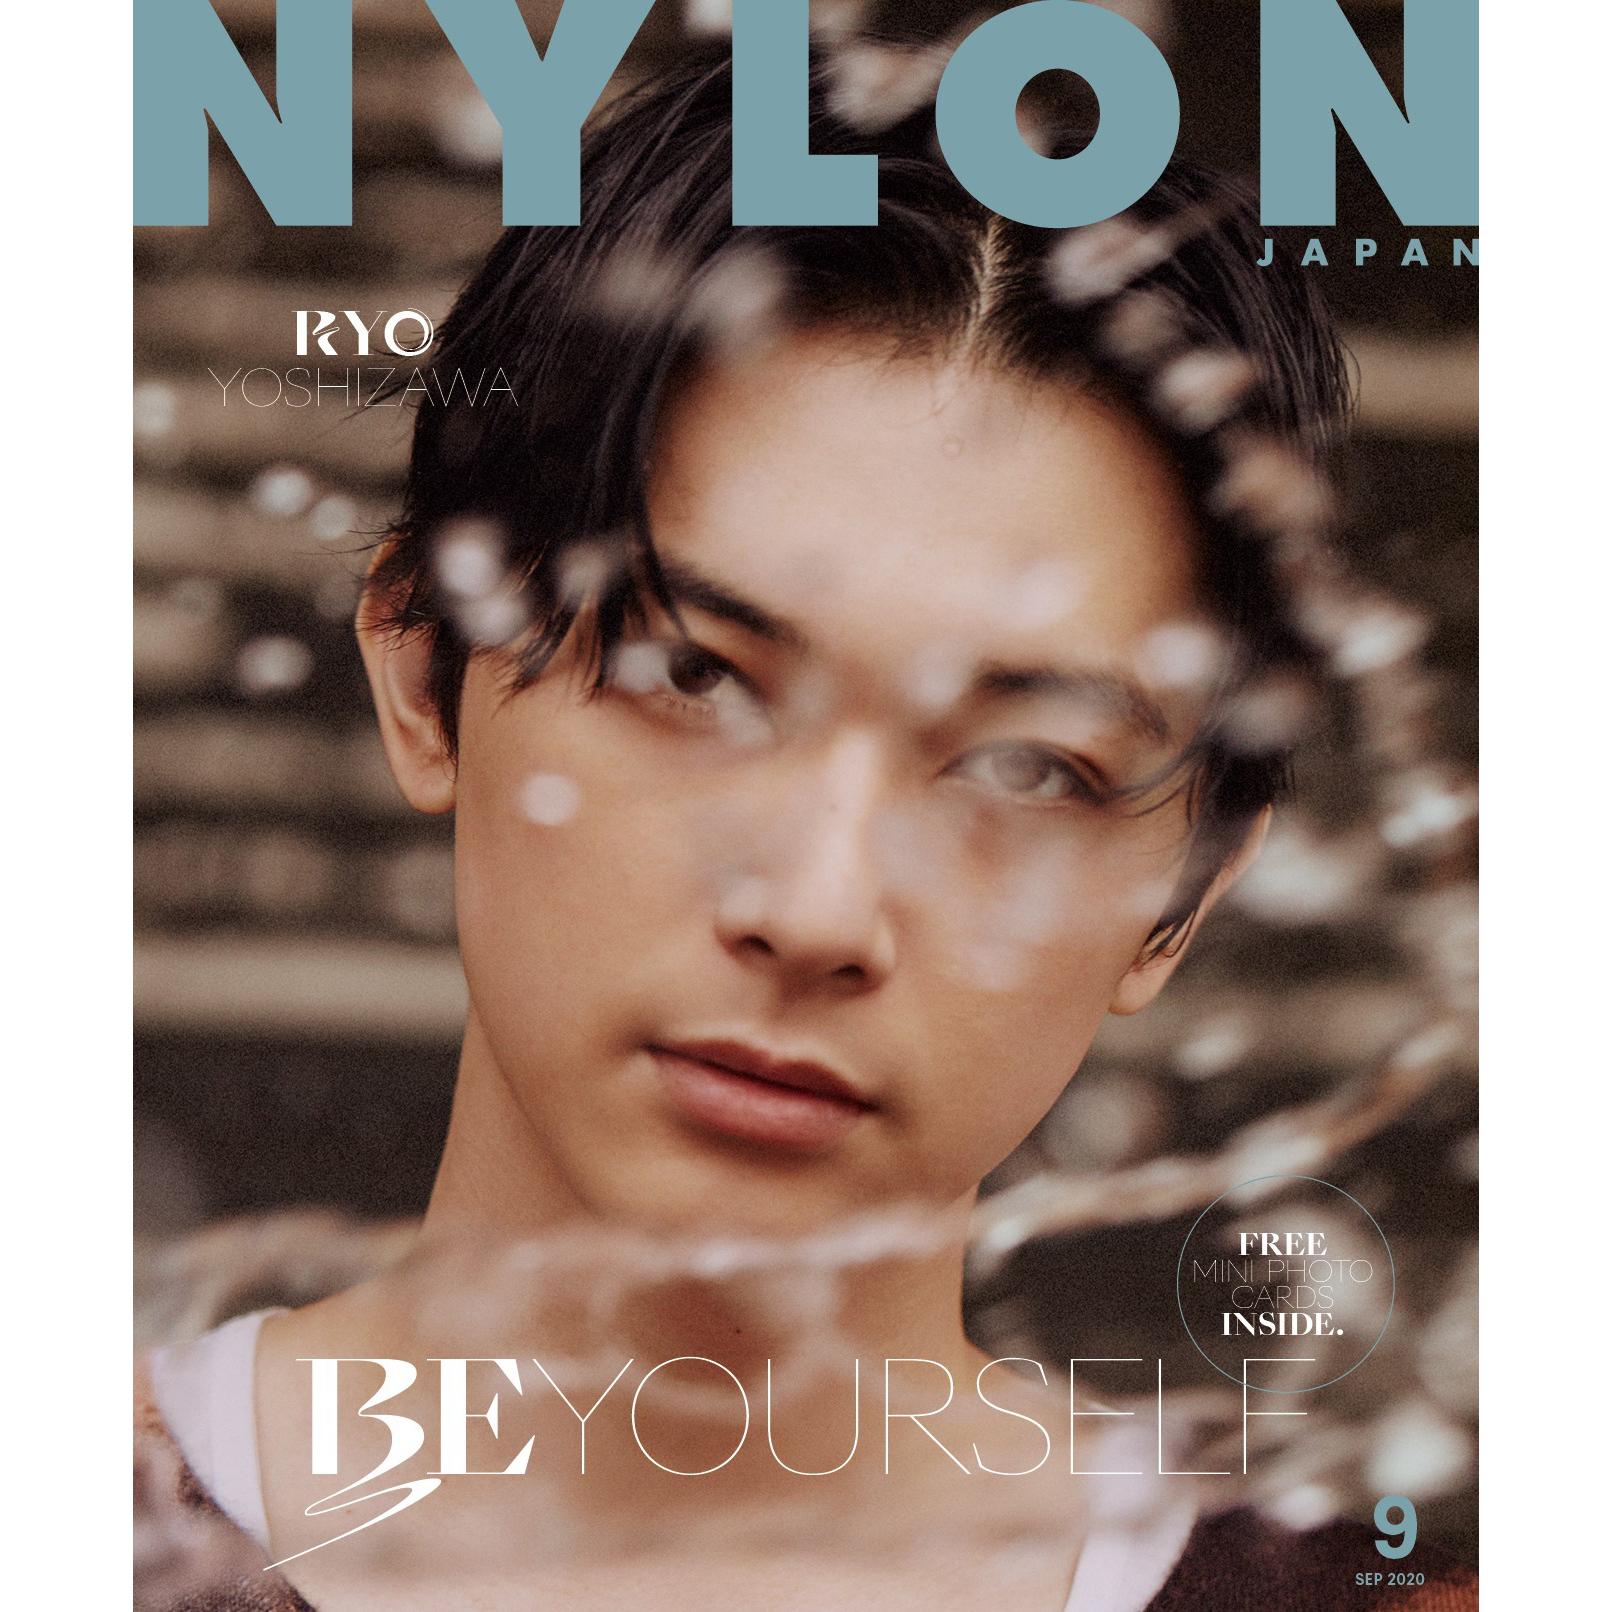 NYLON JAPAN読者待望の《吉沢亮》がW表紙で登場!  スマホやパスケースなどに入れて楽しめる6枚のミニフォトカード特別付録付き!  メンズビューティ特集として今最も旬な男たちのスペシャルヴィジュアル&インタビューを掲載!